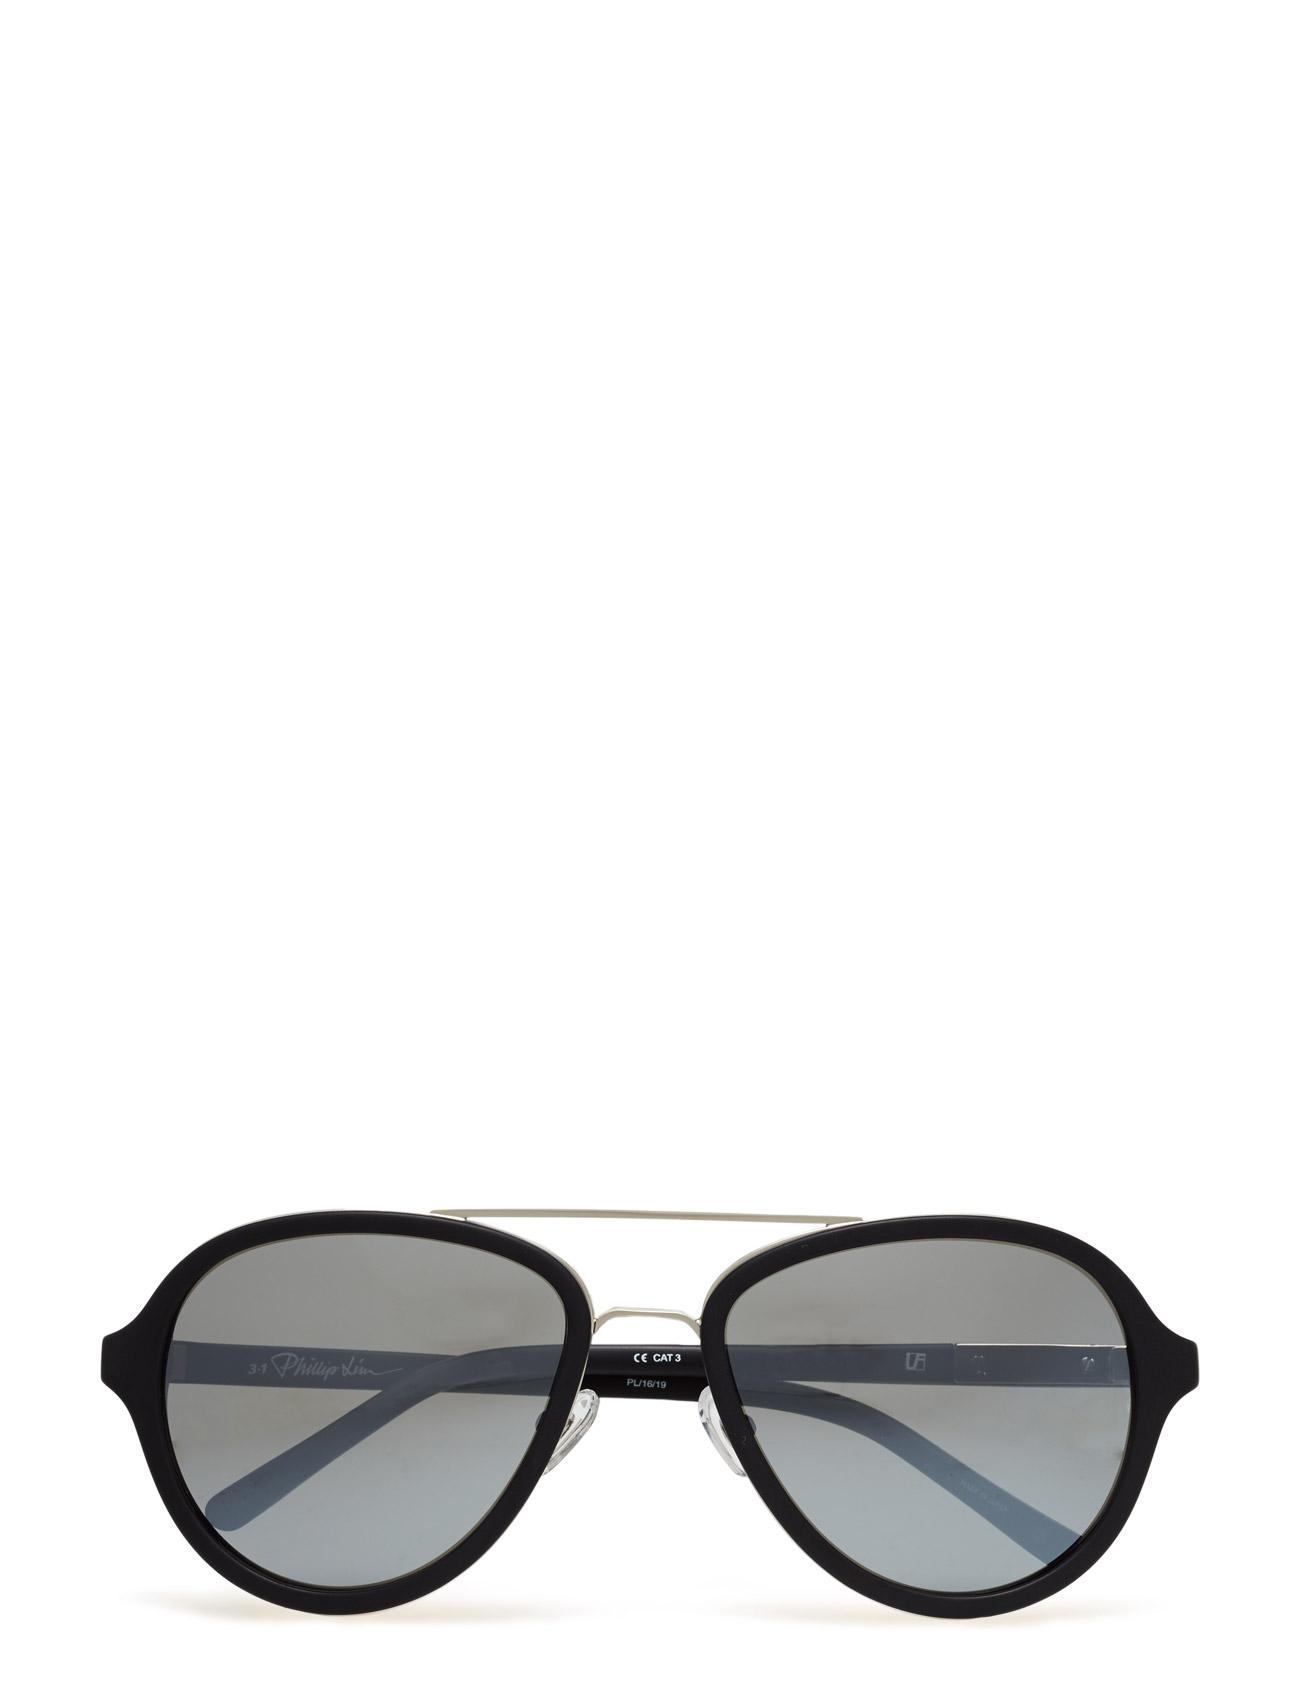 3.1 phillip lim sunglasses Phillip lim 16 c19 fra boozt.com dk